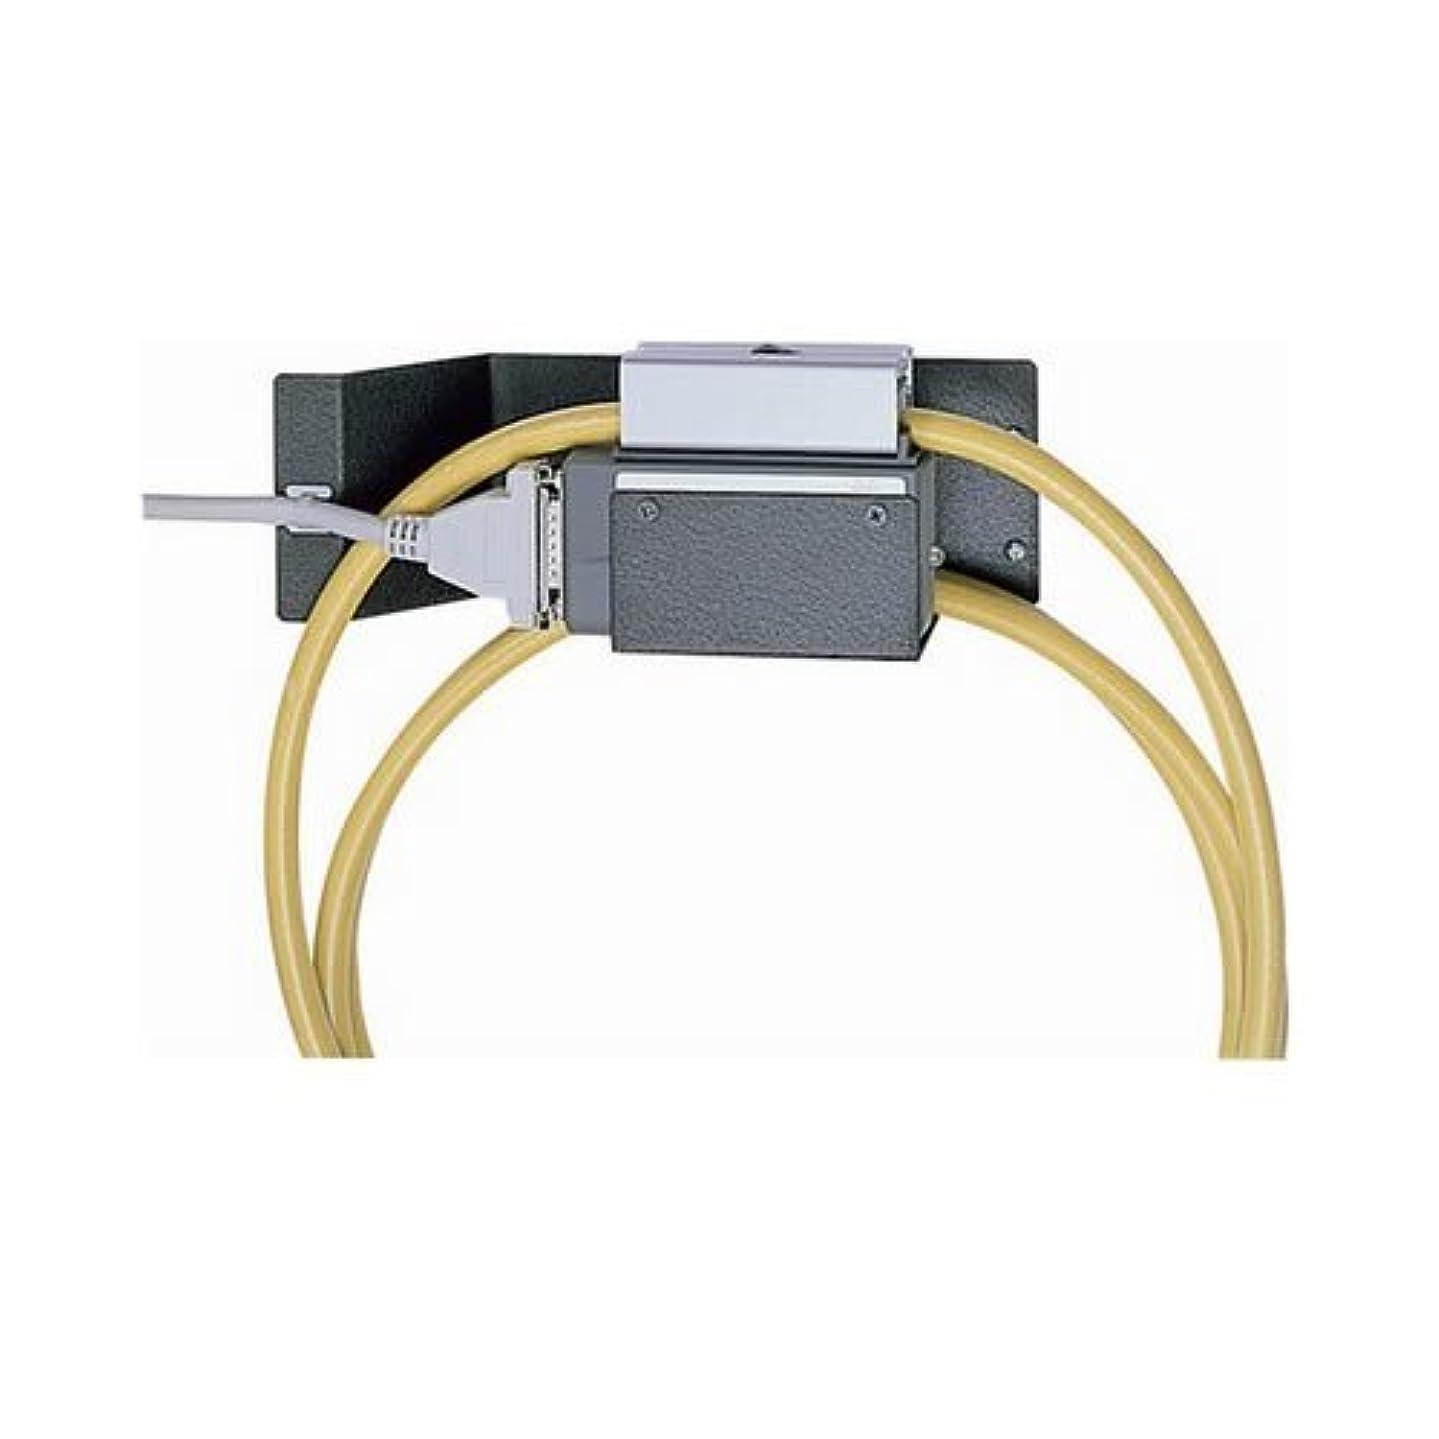 早熟変な下線アライドテレシス AT-BRKT-0A 壁設置用アクセサリー 50001